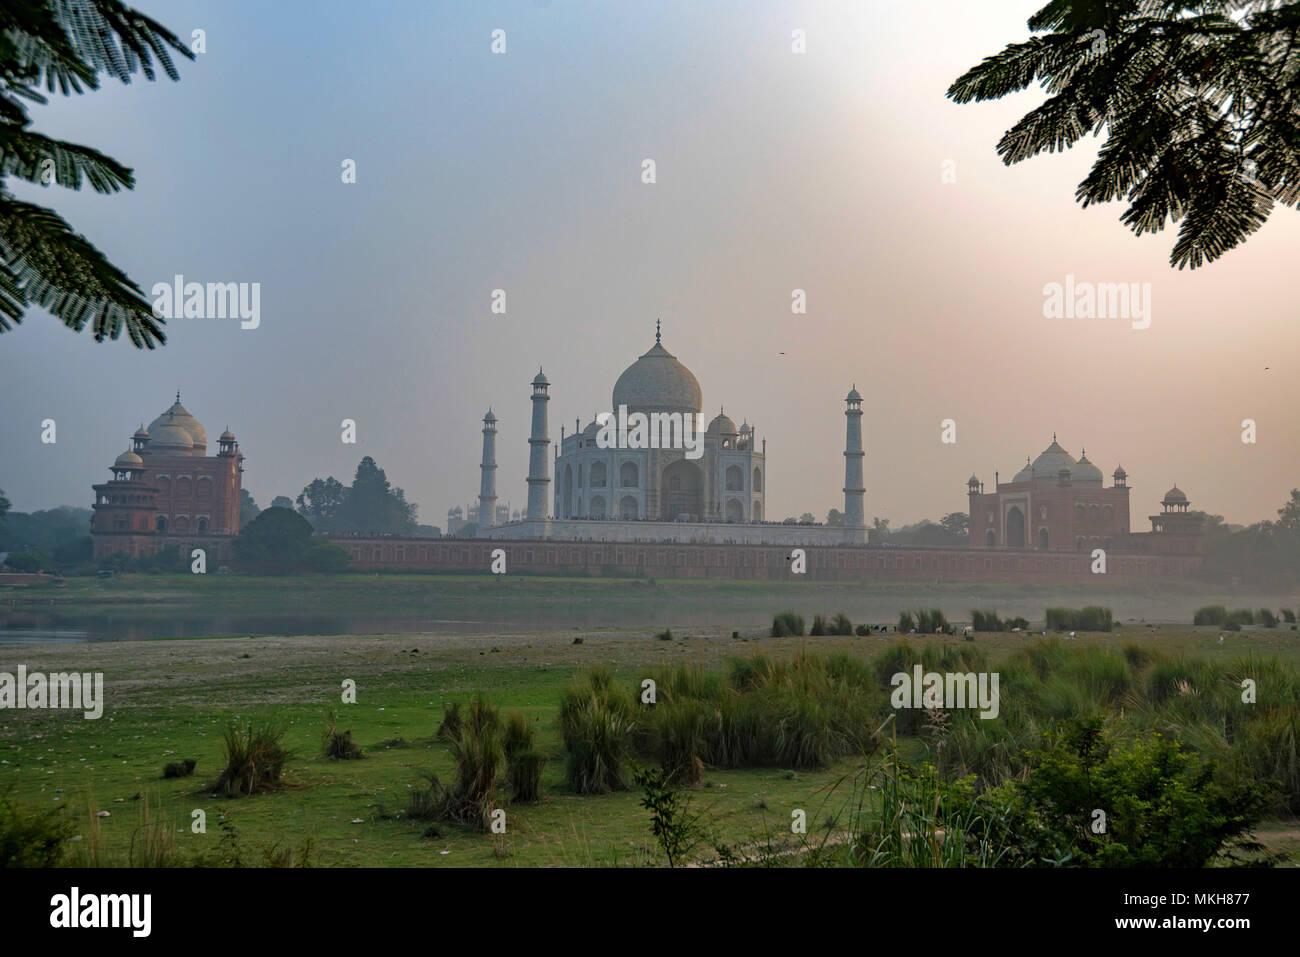 Taj Mahal scenic sunset view in Agra, India. - Stock Image